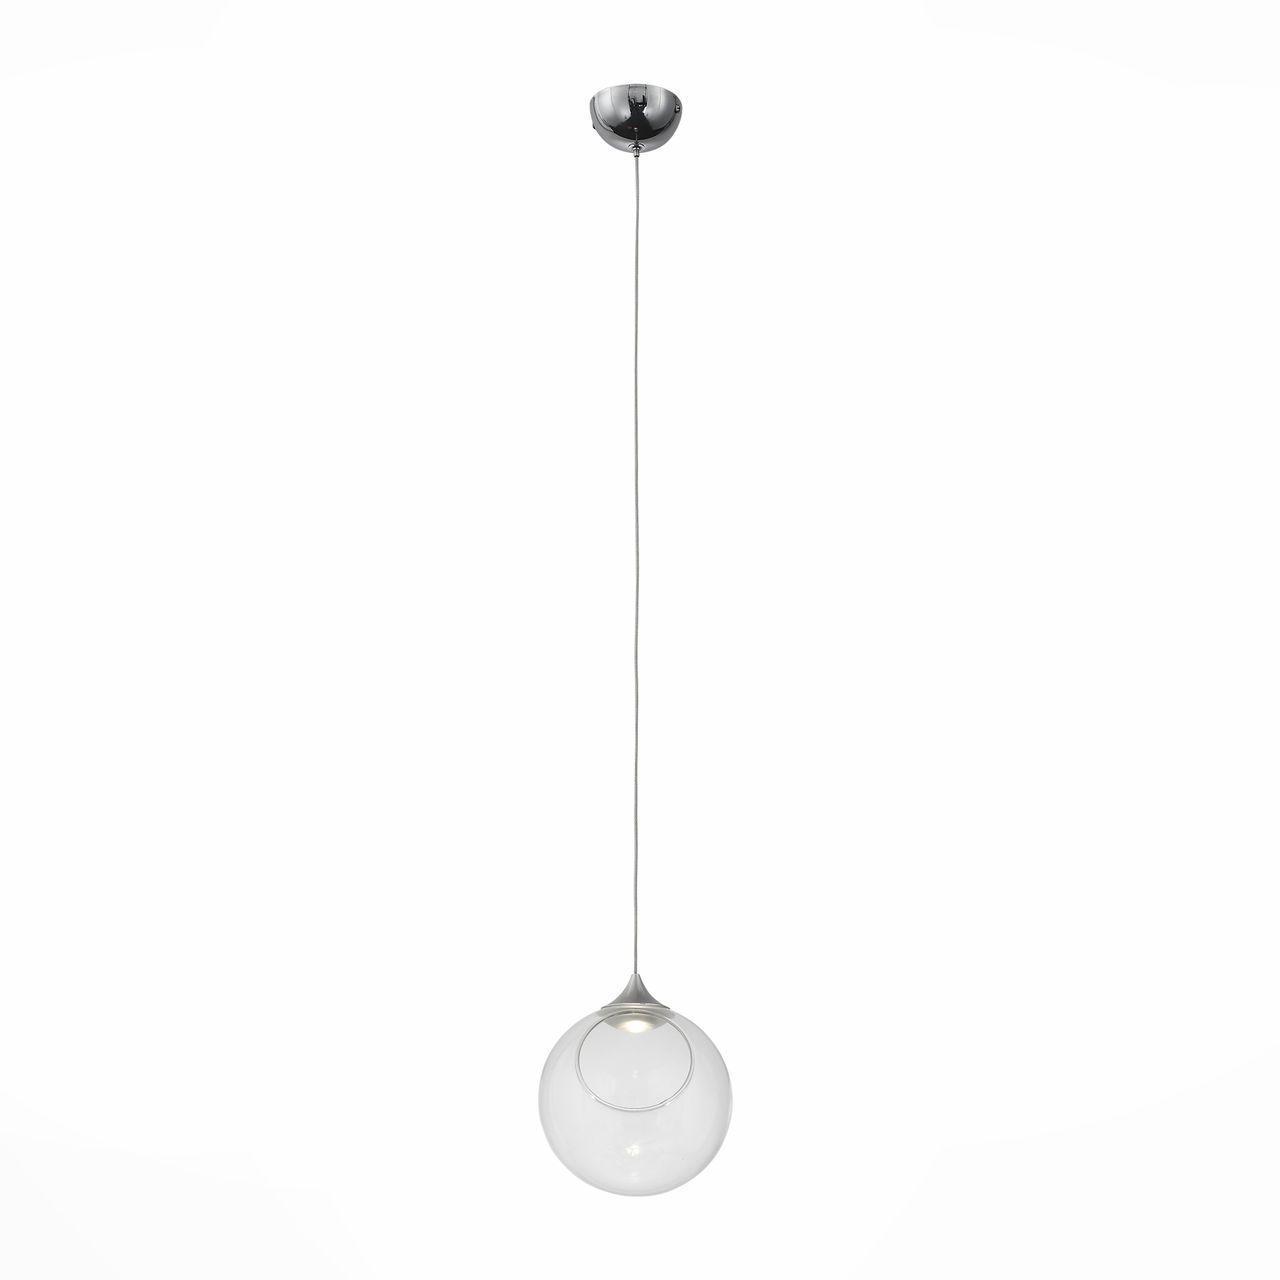 Подвесной светодиодный светильник ST Luce Creozione SL551.103.01